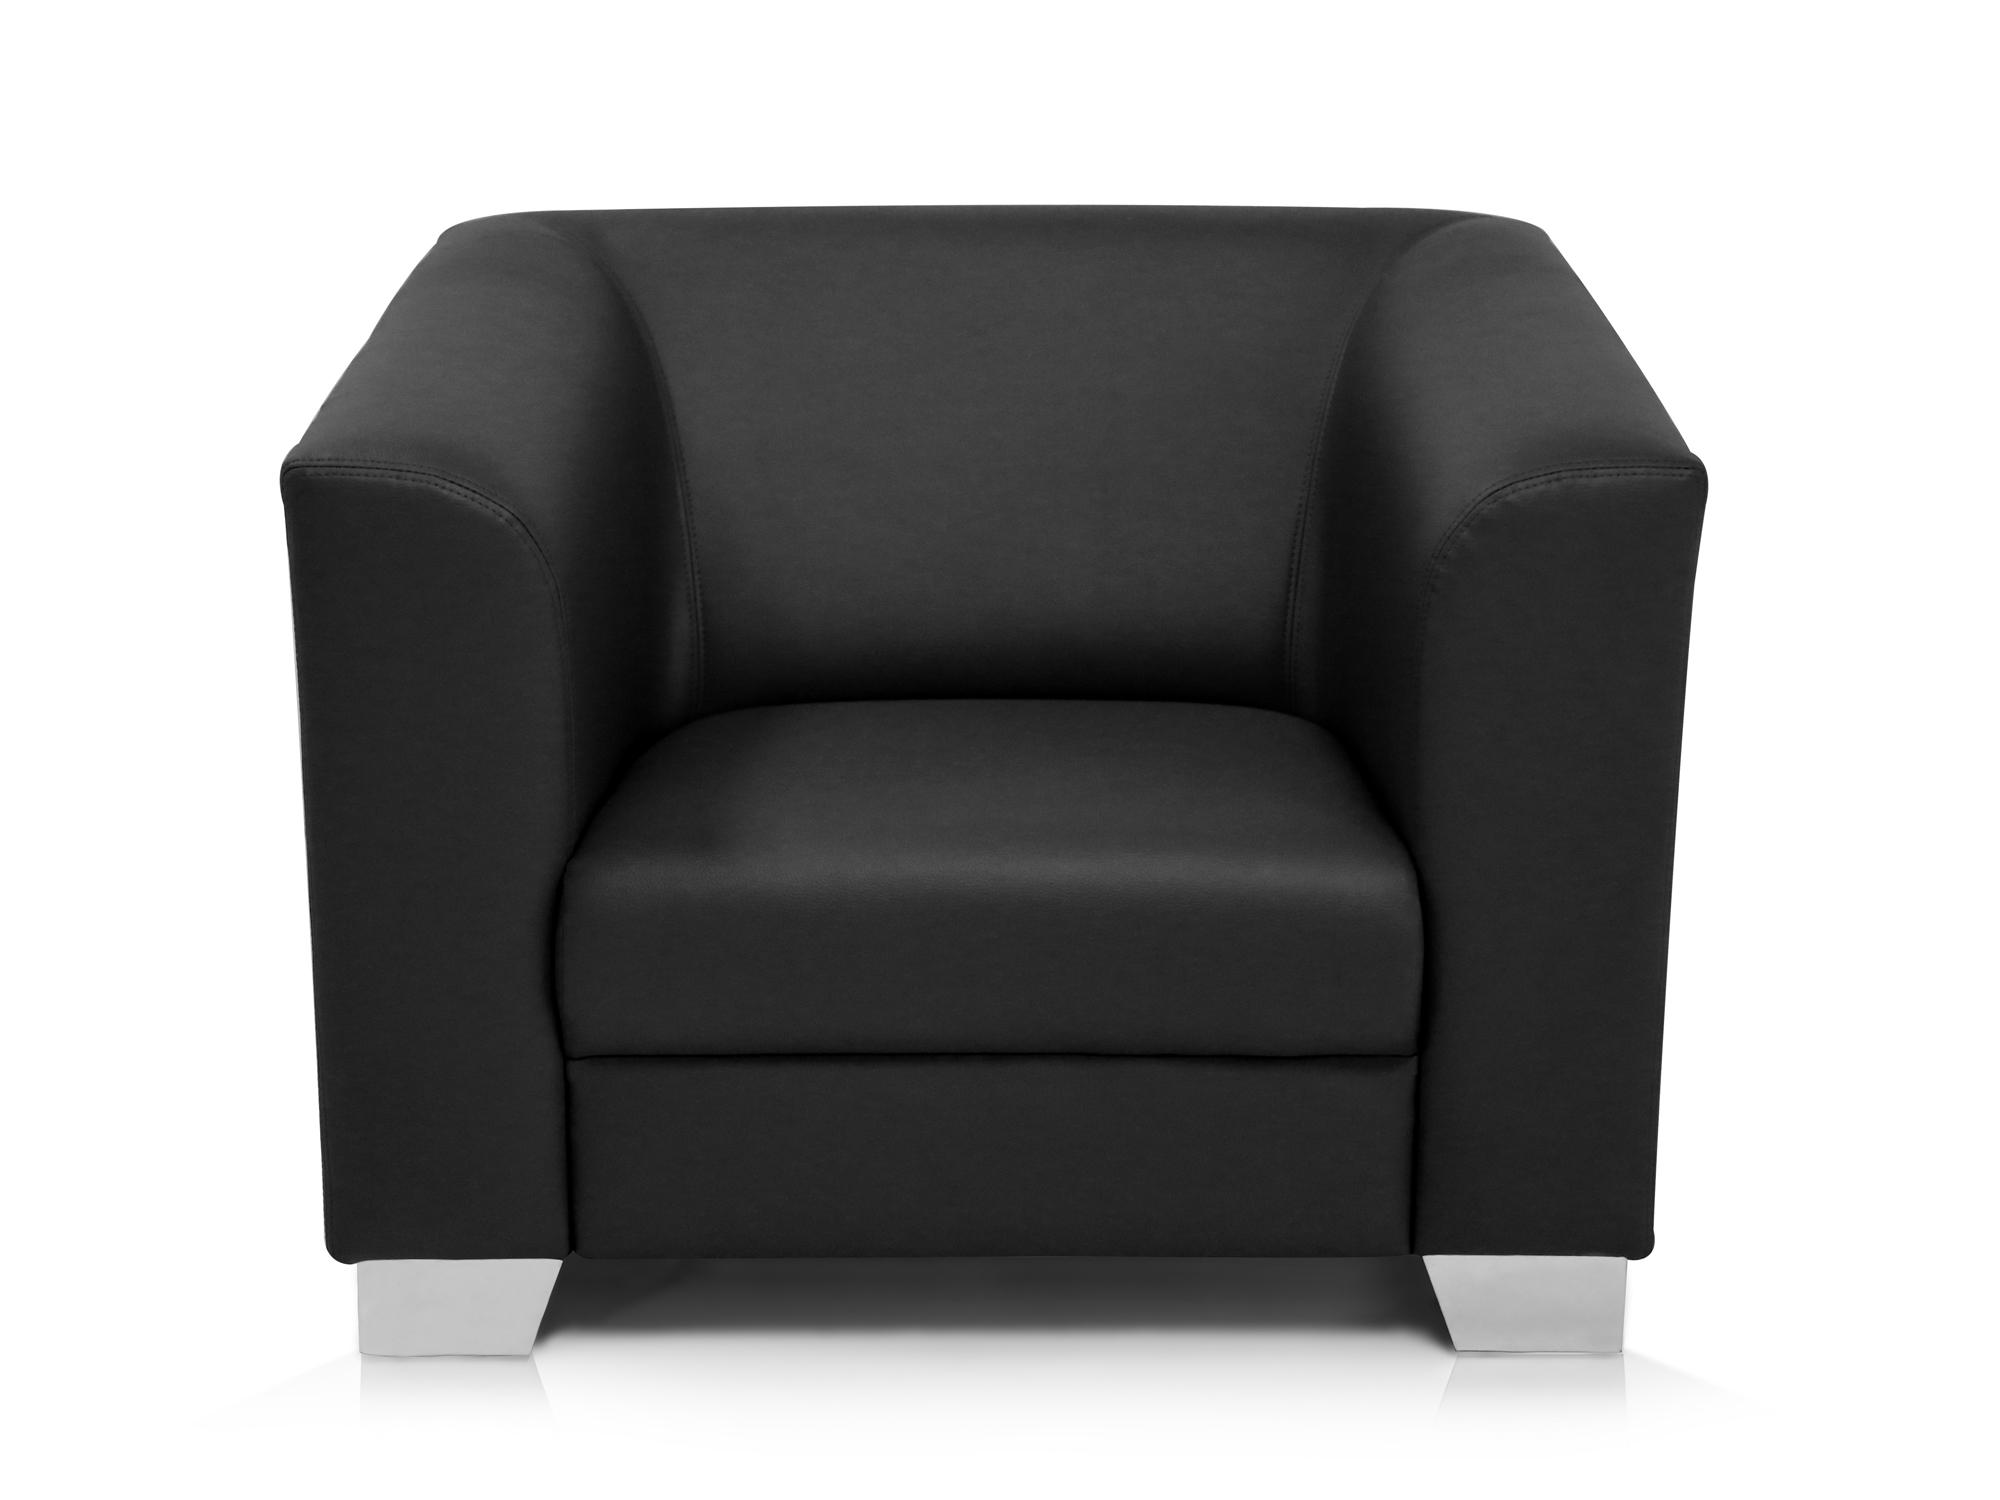 CHICAGO Sessel  Ledersessel schwarz